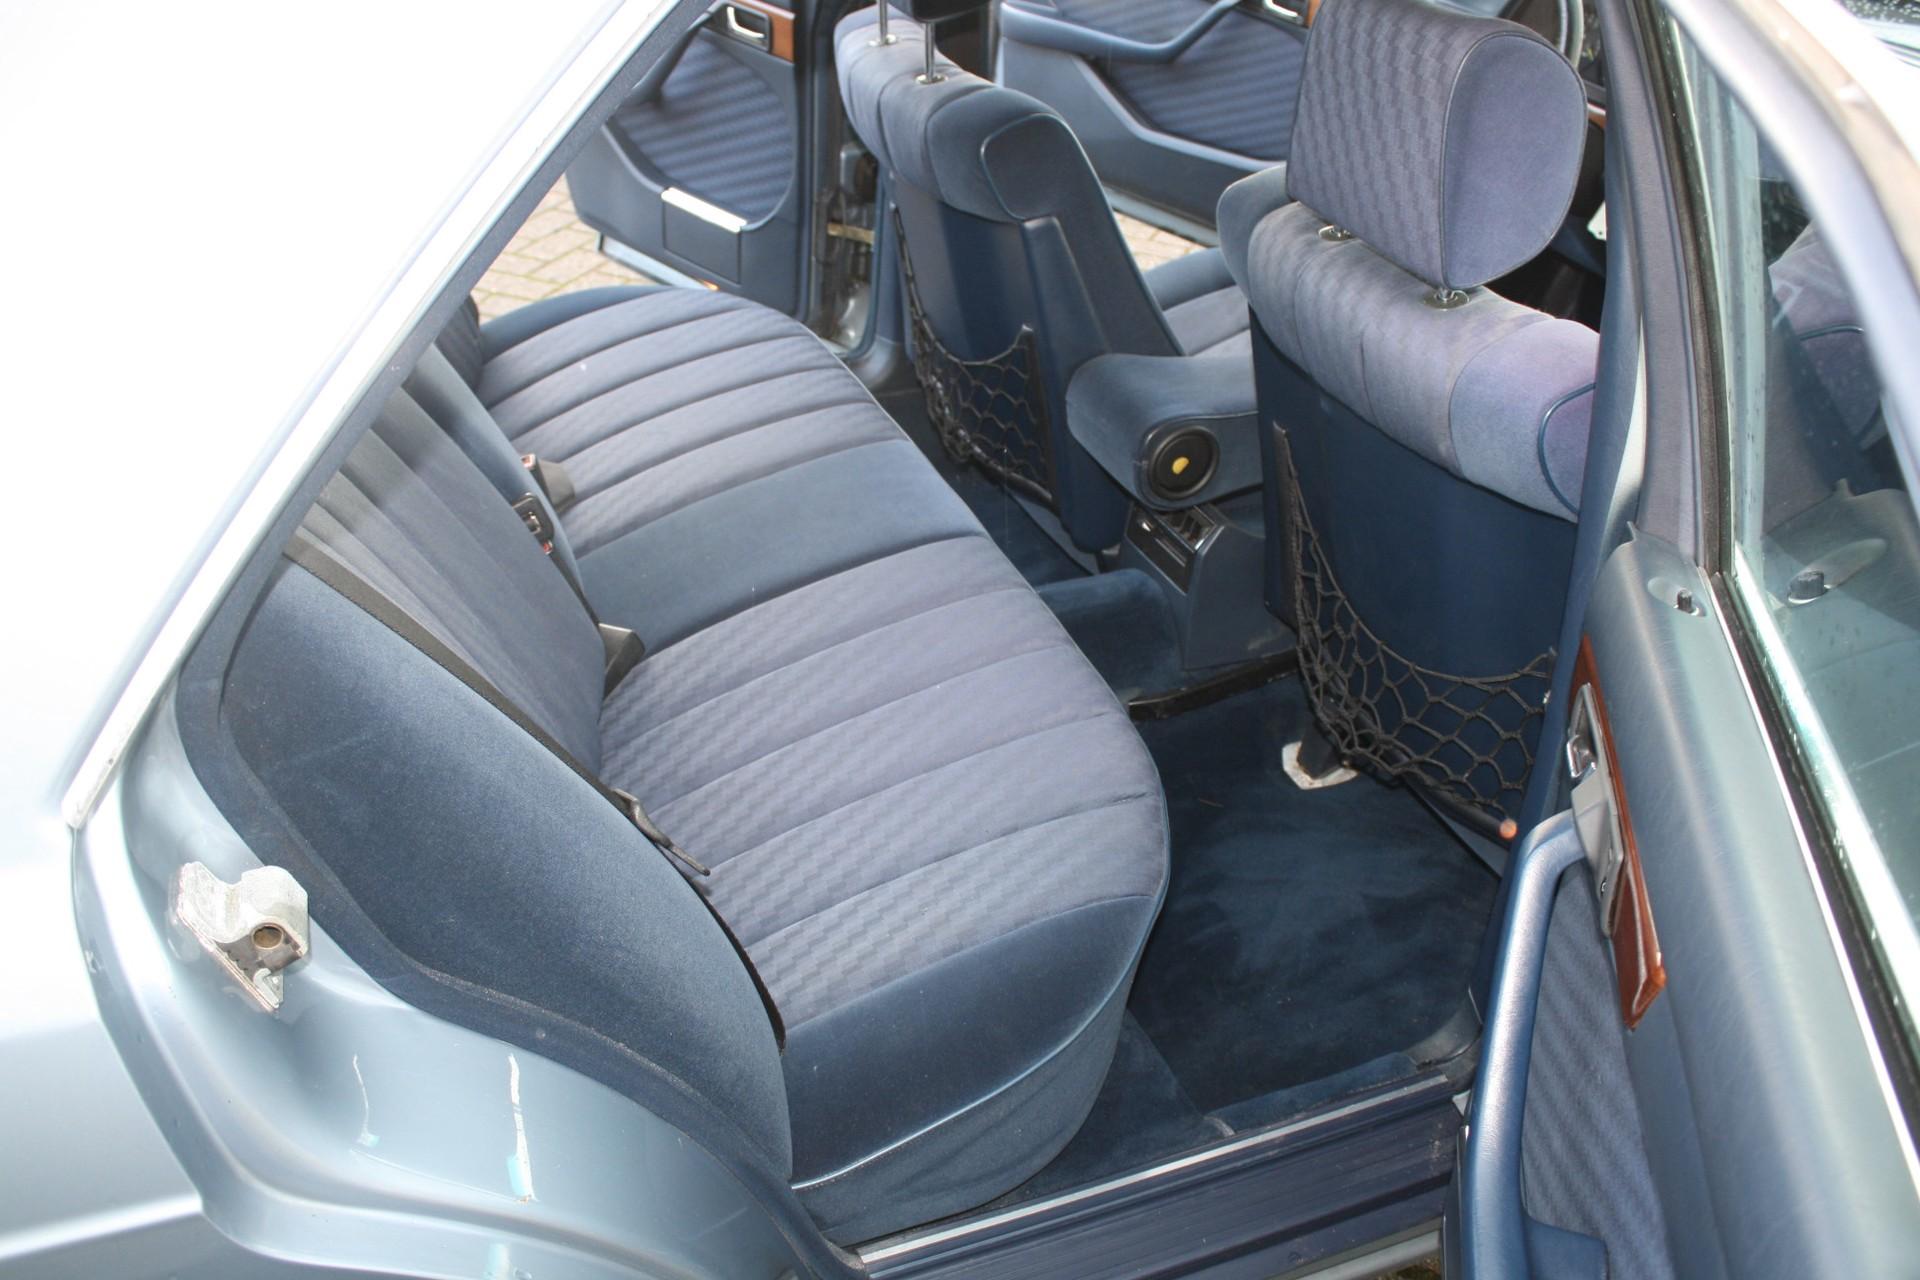 Mercedes-Benz S-Klasse 420 SEL Foto 6